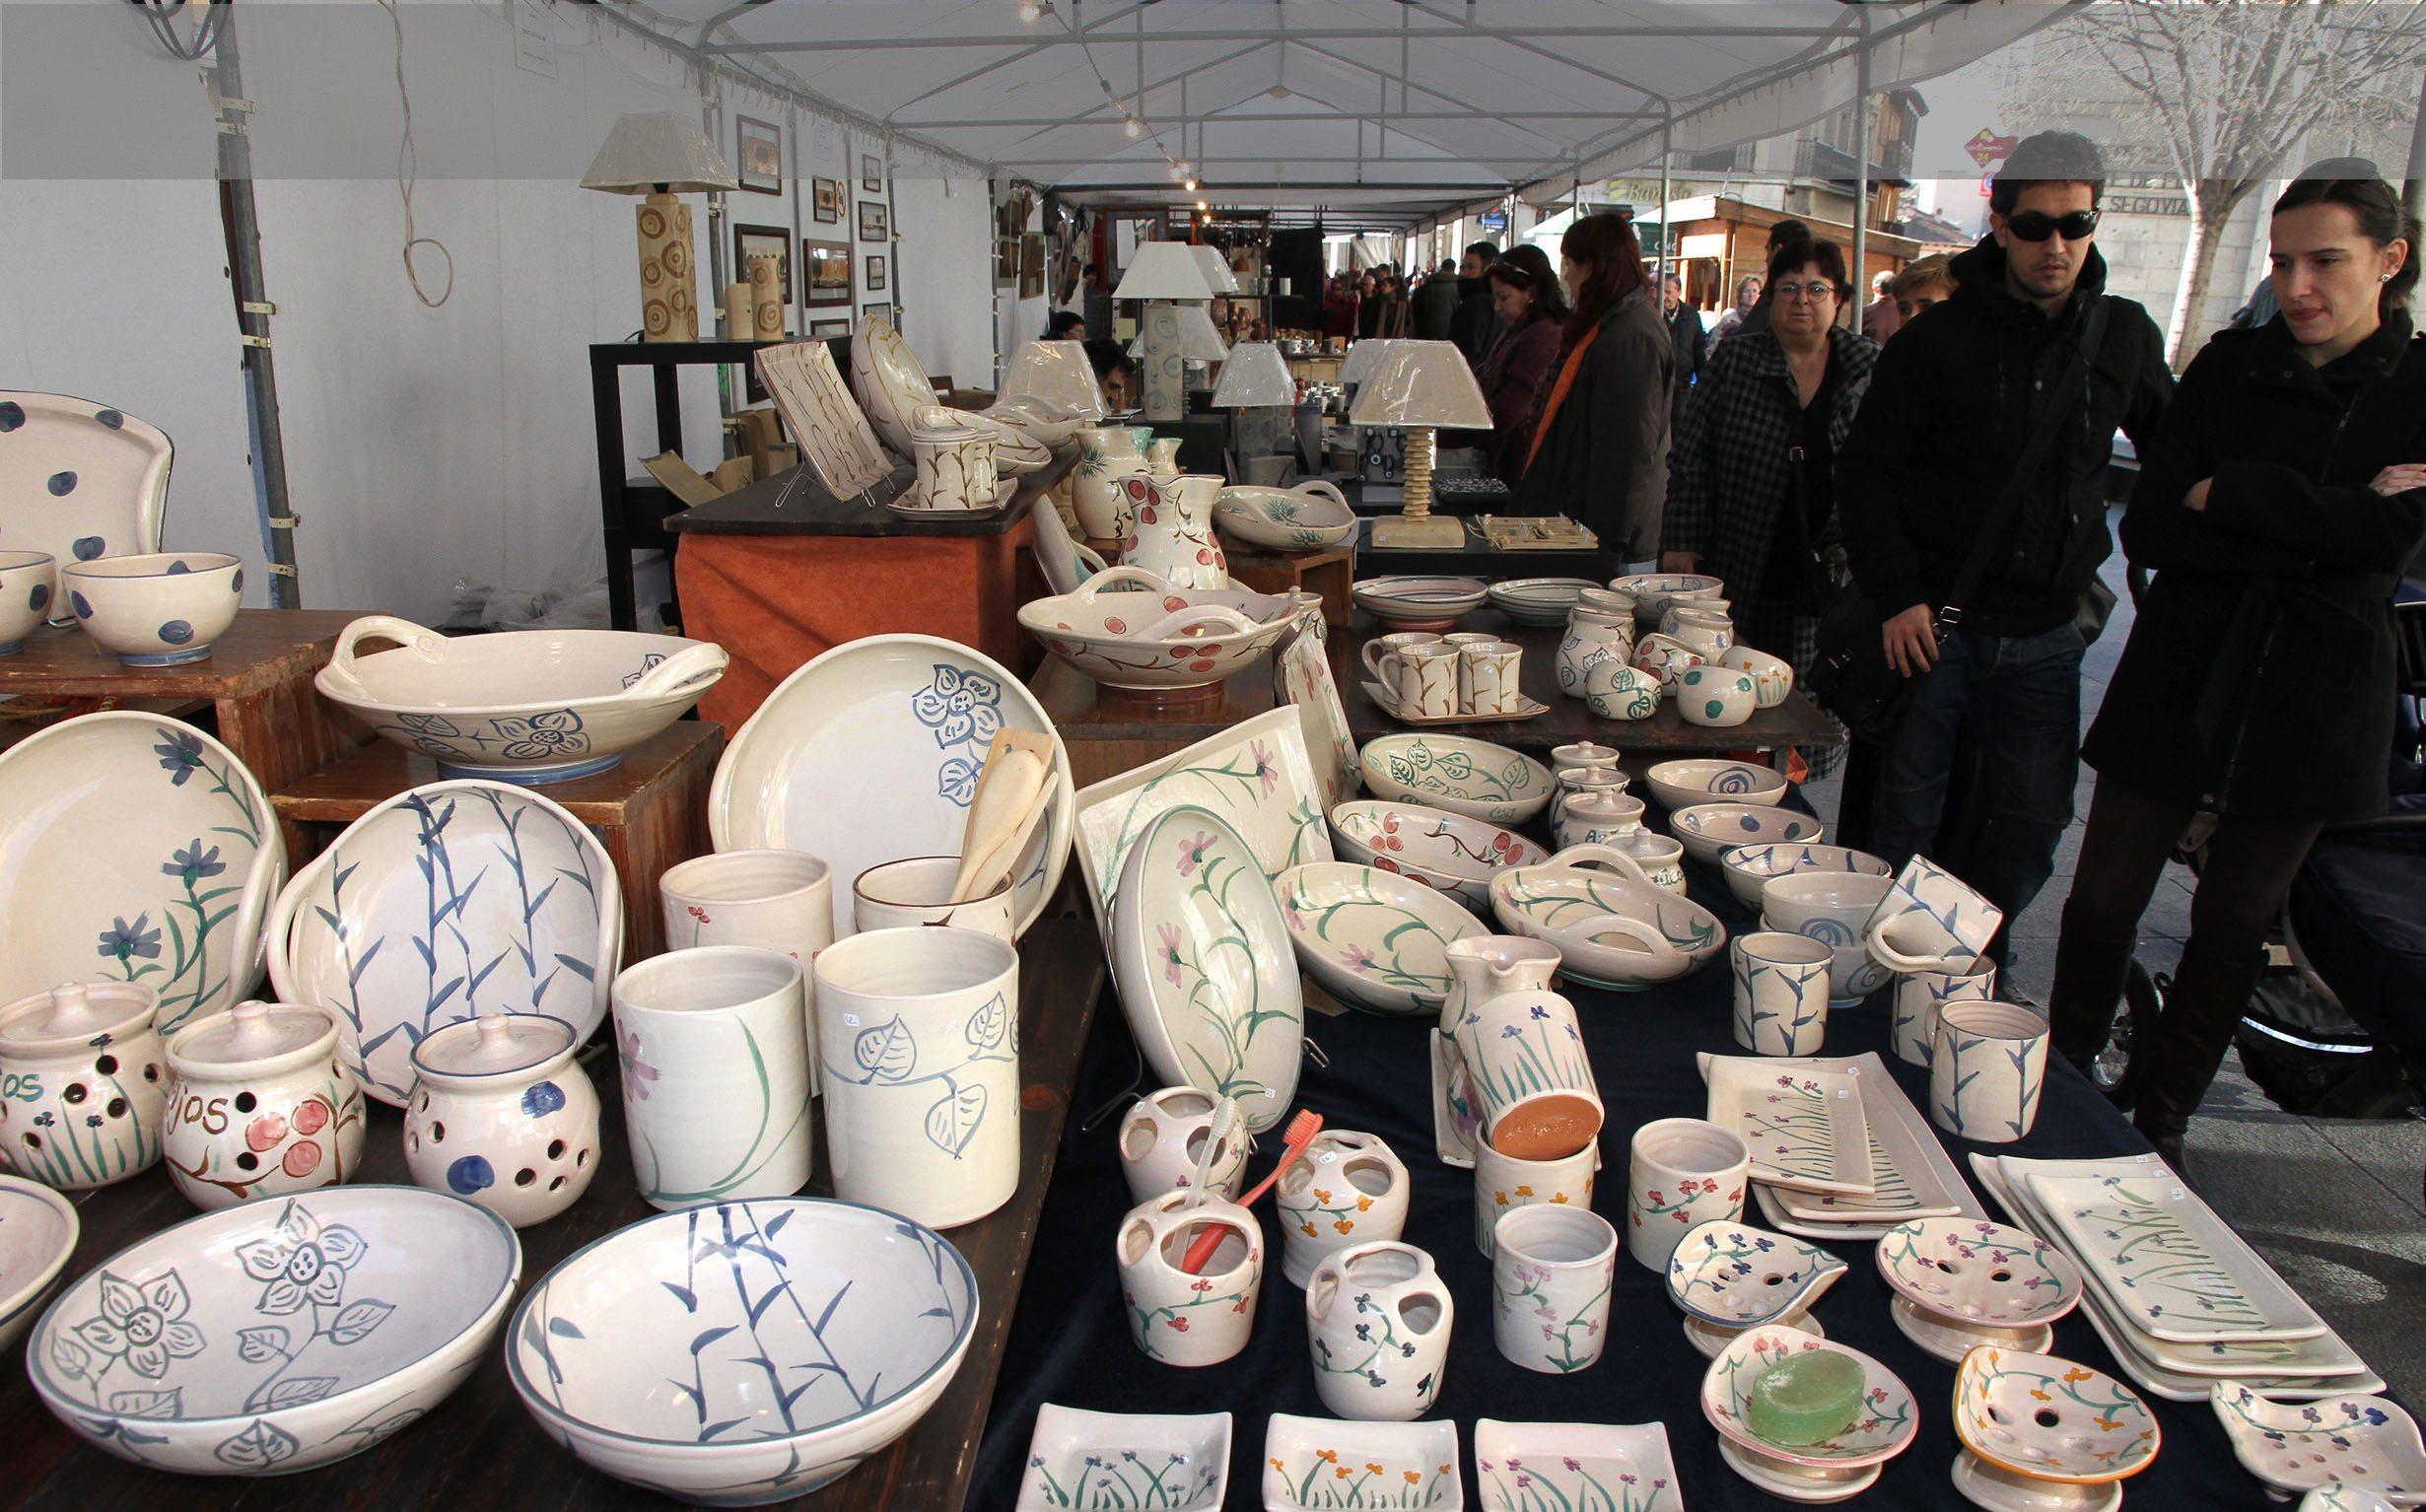 La feria de cer mica y alfarer a de segovia concentra a Ceramica artesanal valencia